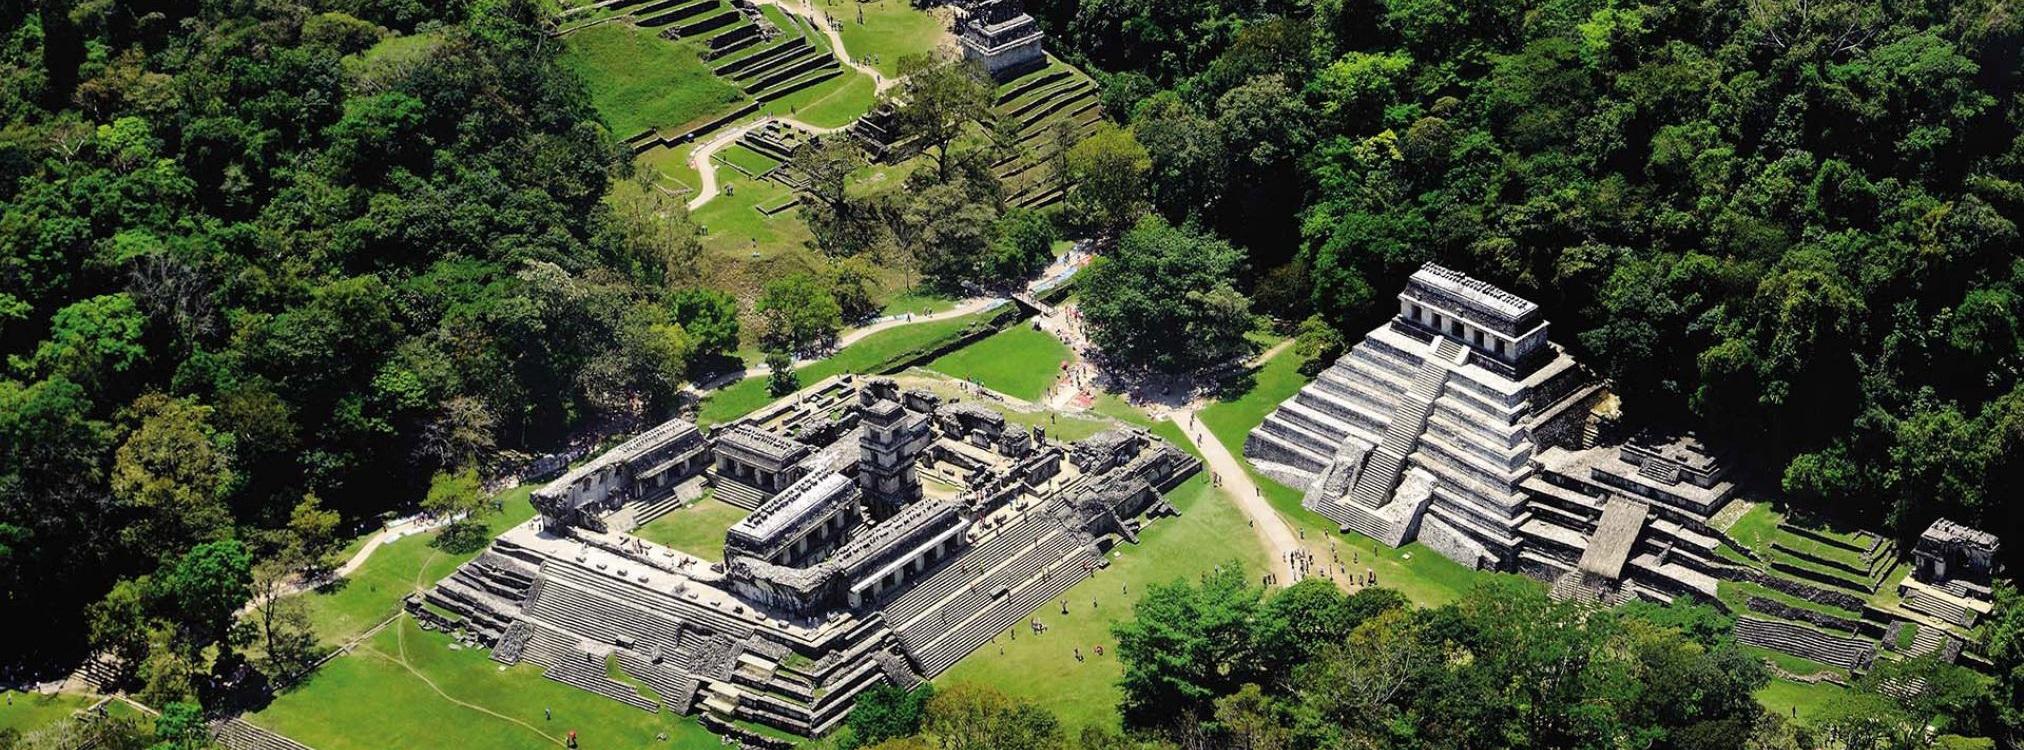 Zona Arqueológica de Palenque, Chis